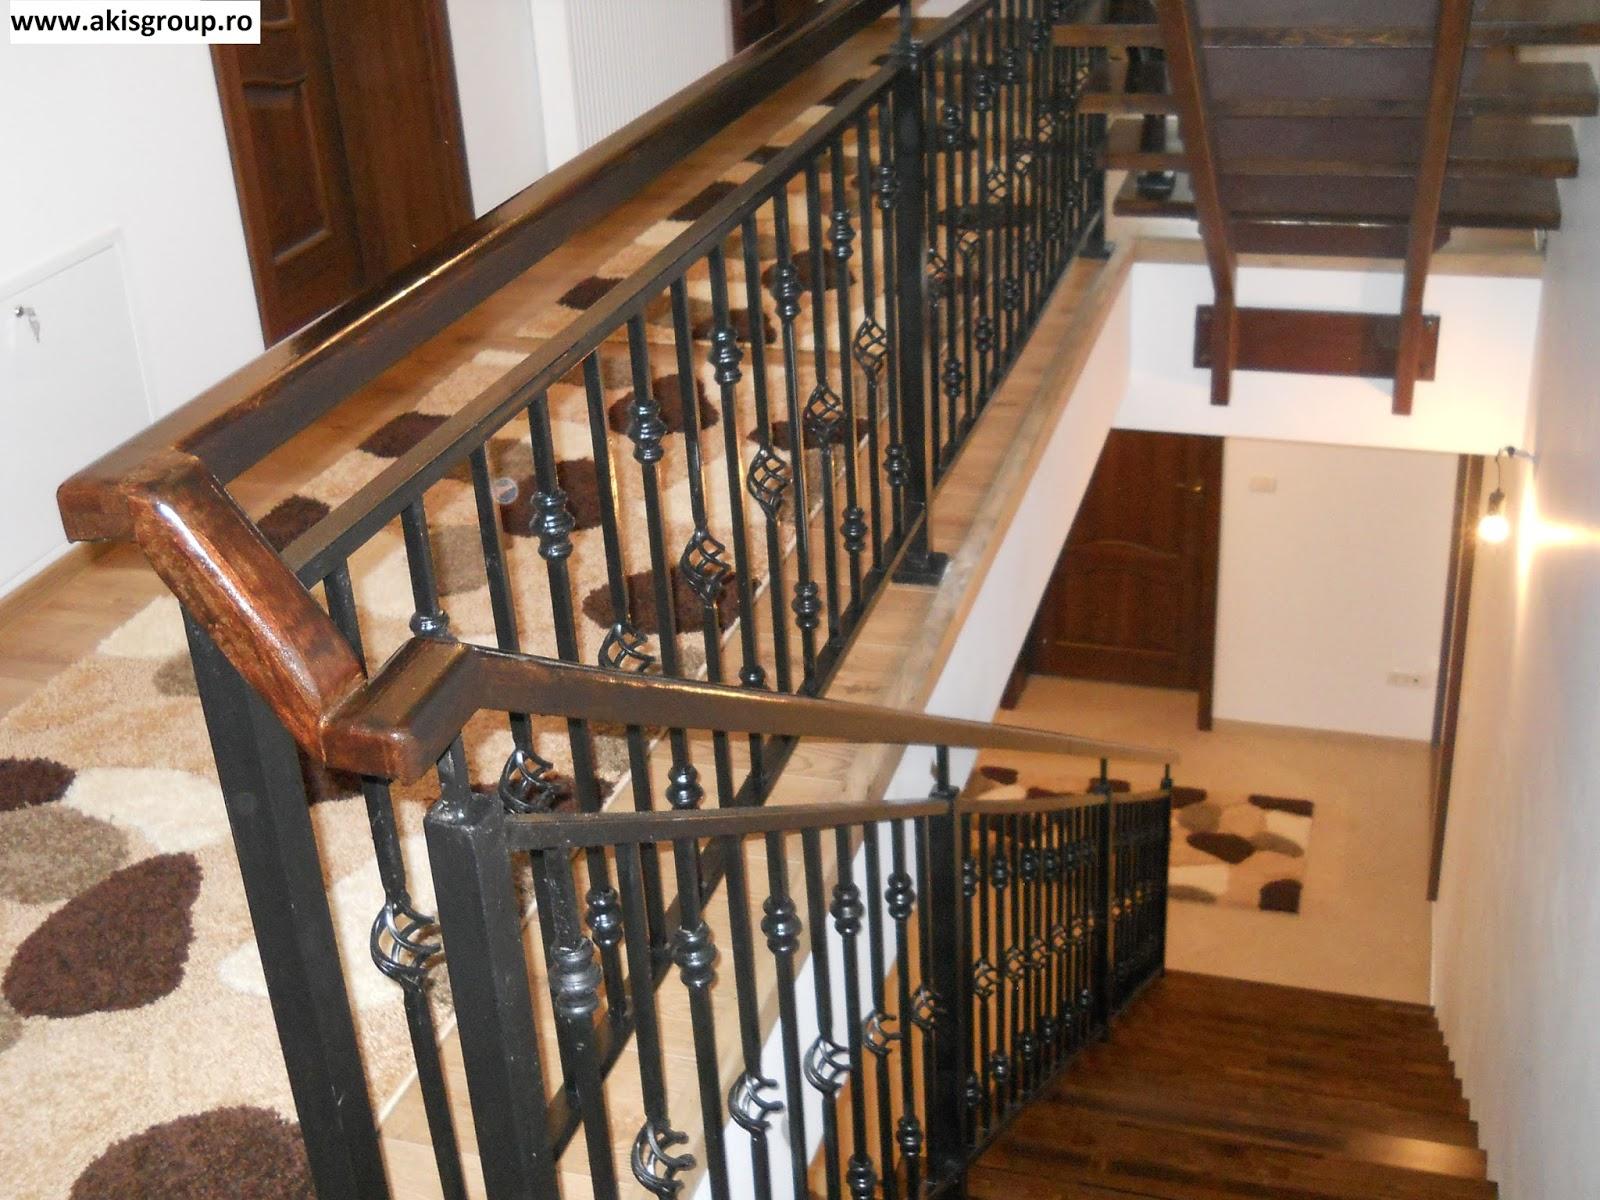 Balustrade fier forjat balustrade fier forjat modele for Modele de balcon din lemn